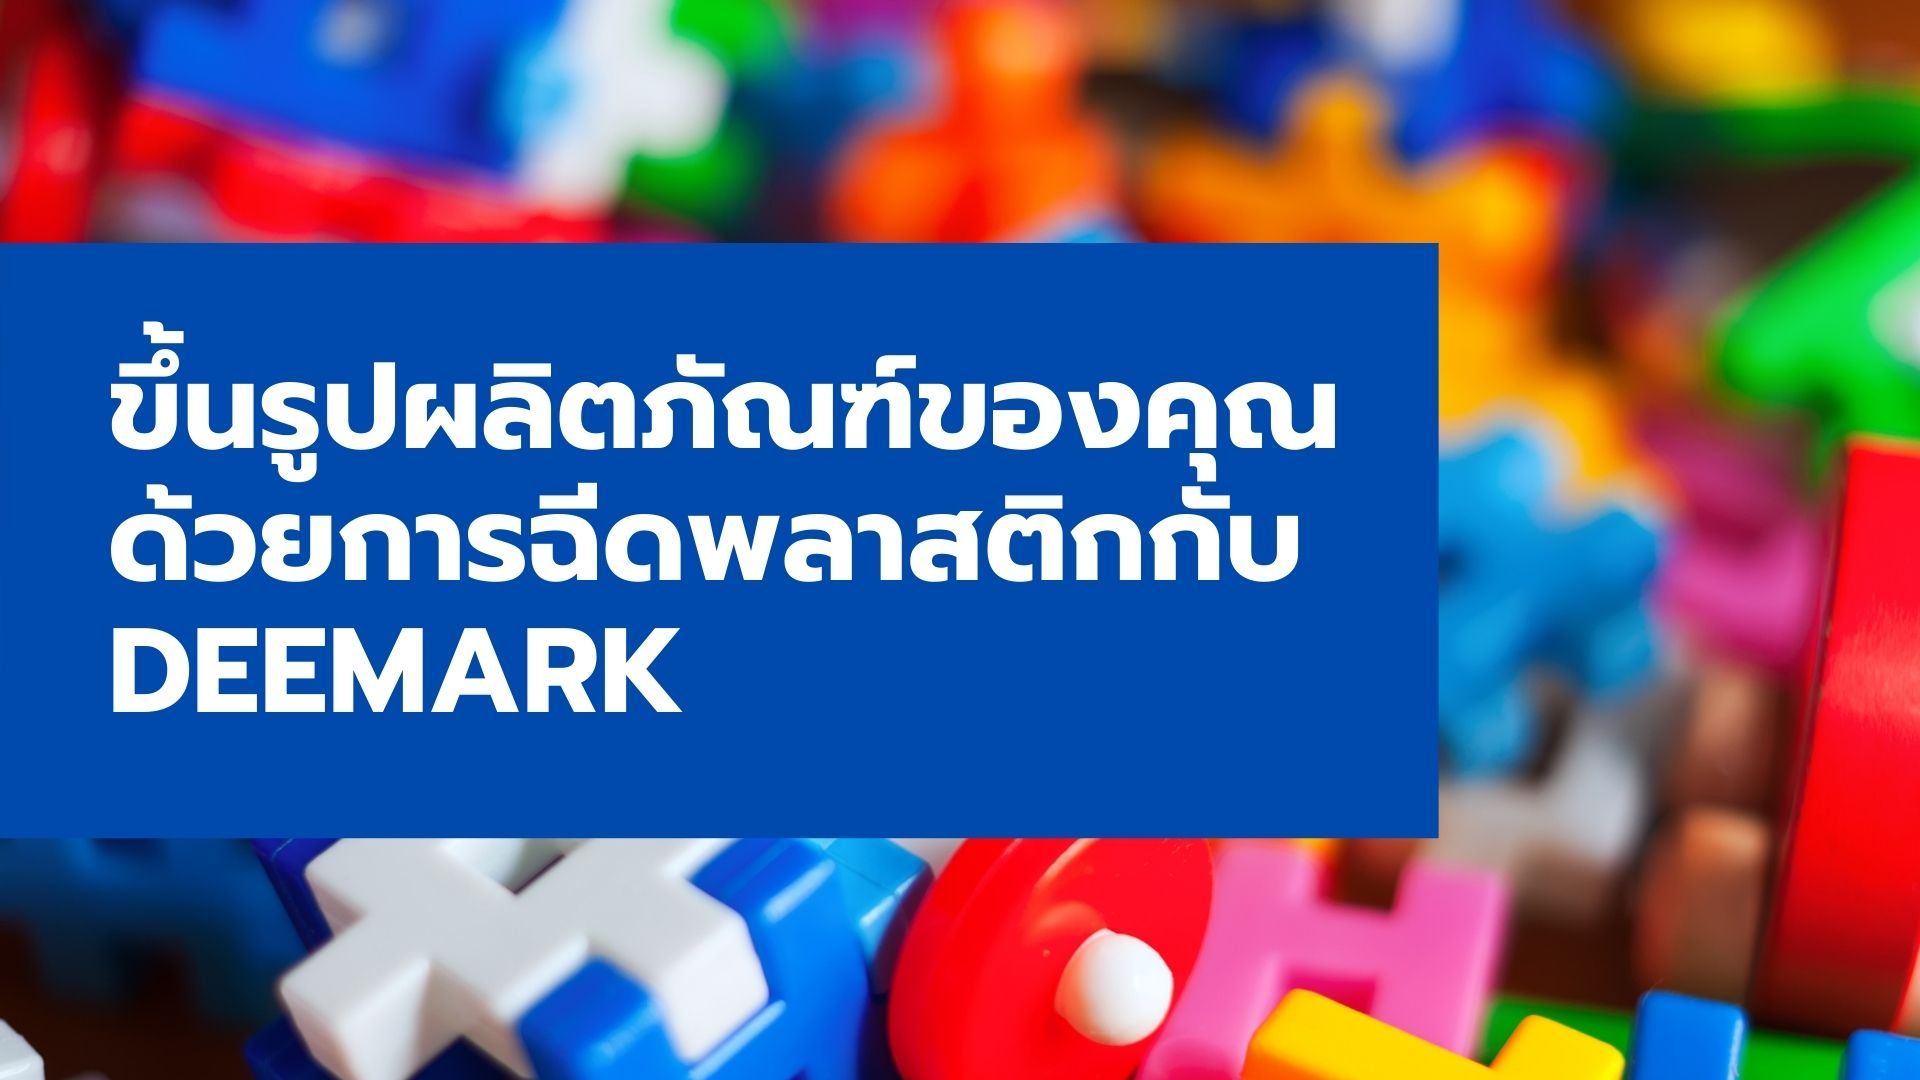 ขึ้นรูปผลิตภัณฑ์ของคุณ ด้วยการฉีดพลาสติกกับ Deemark แนะนำไอเดียในการผลิตสินค้า จากการฉีดพลาสติก กับ Deemark กันค่ะ